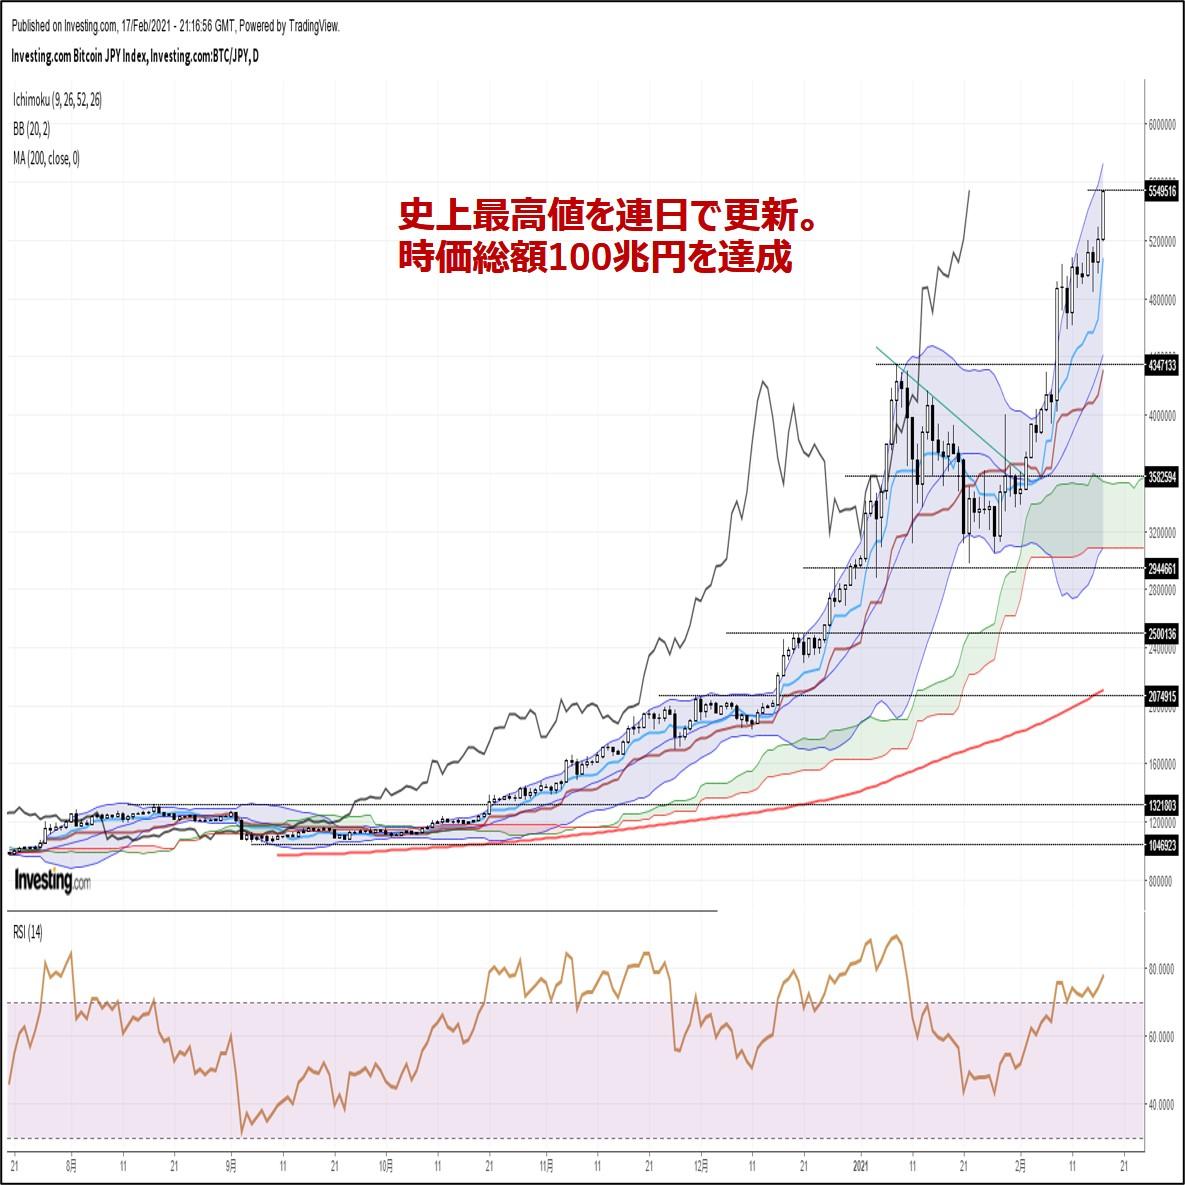 ビットコイン円、史上最高値を連日で更新。時価総額100兆円を達成